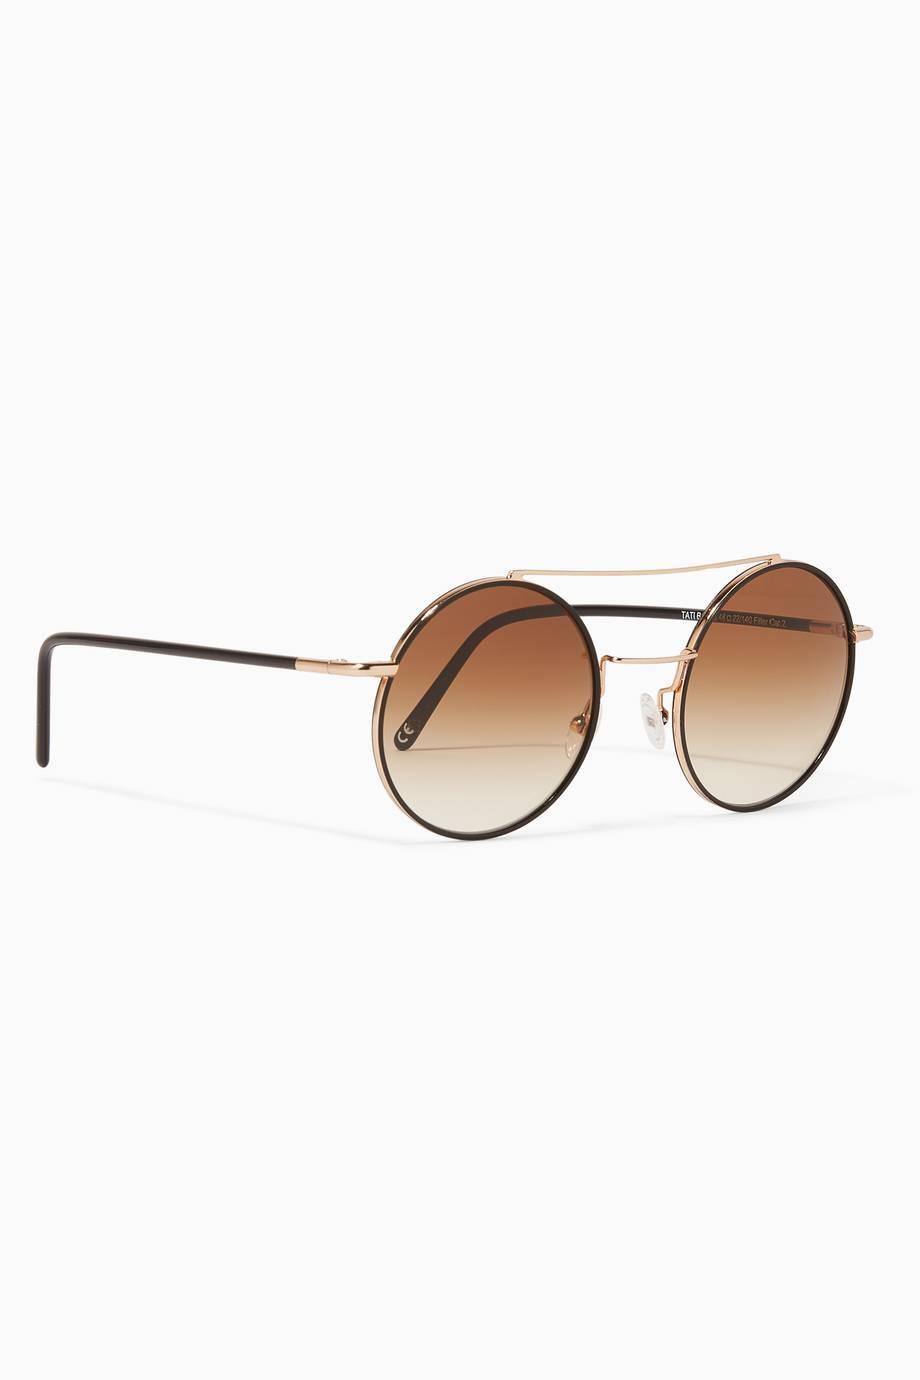 444de1b9c تسوق نظارات تاتي ذهبية من اندي وولف | اُناس الكويت